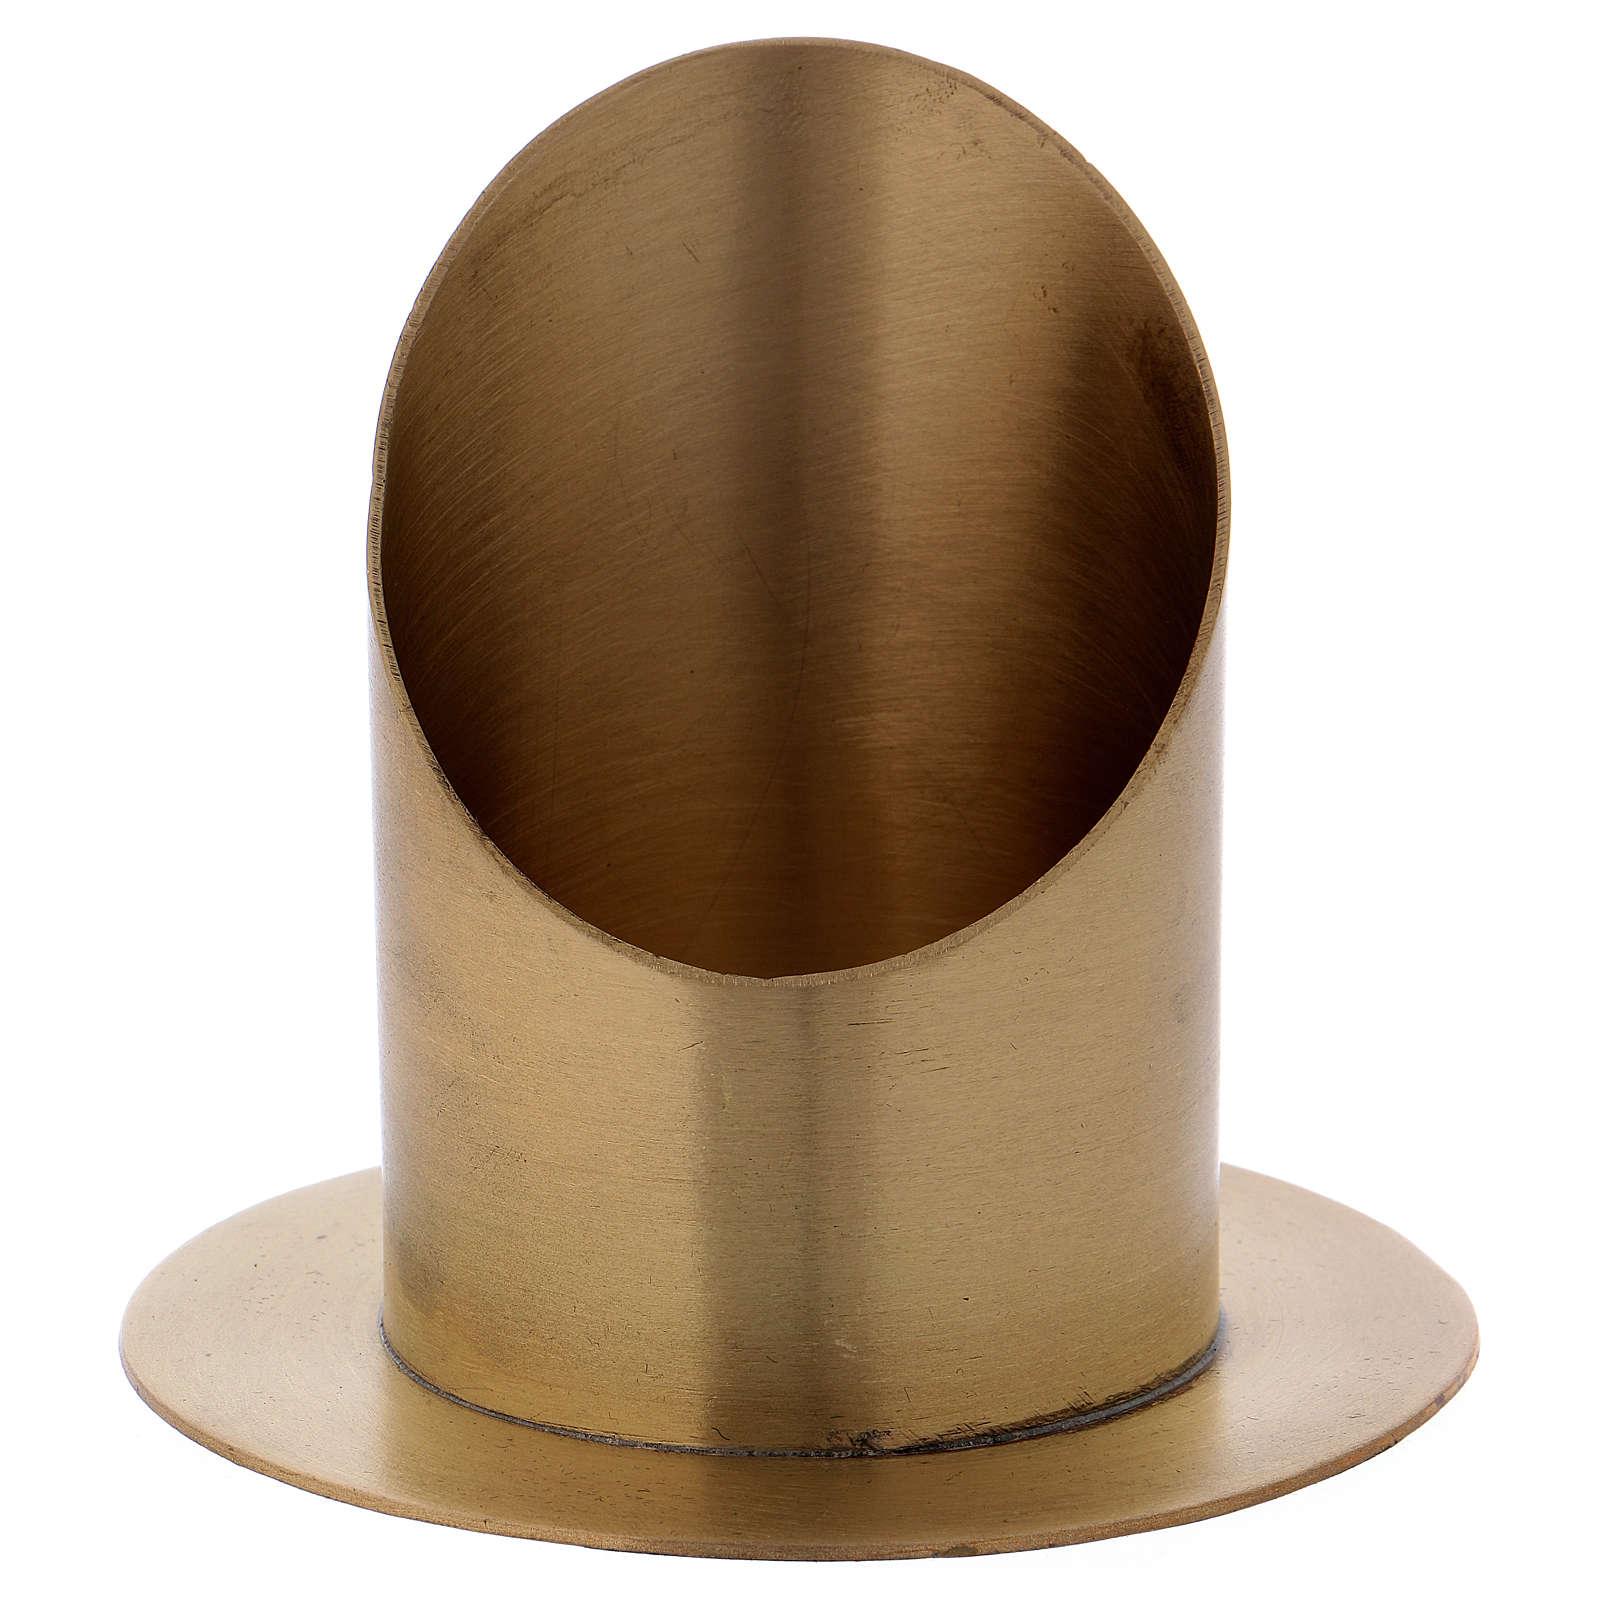 Portacero cilindrico ottone dorato opaco diam. 7 cm 4